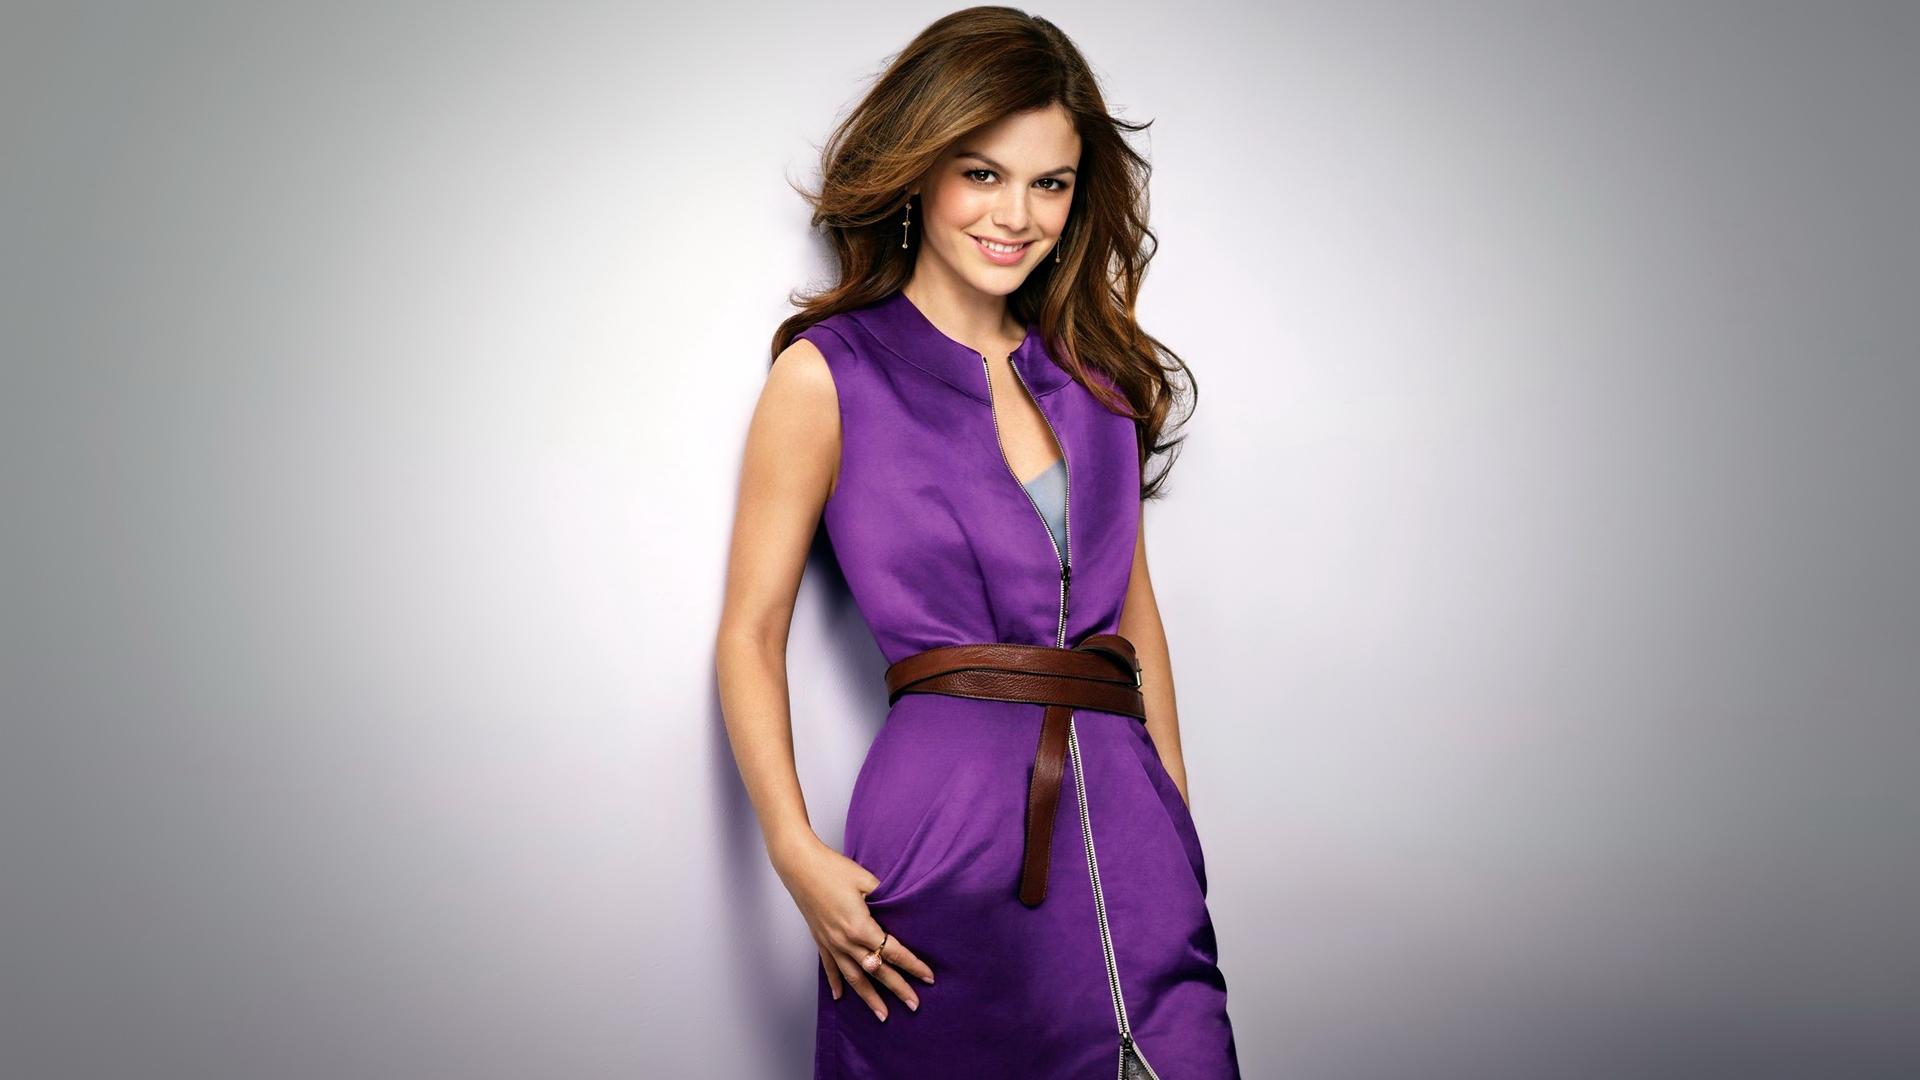 purple dress wallpaper 47214